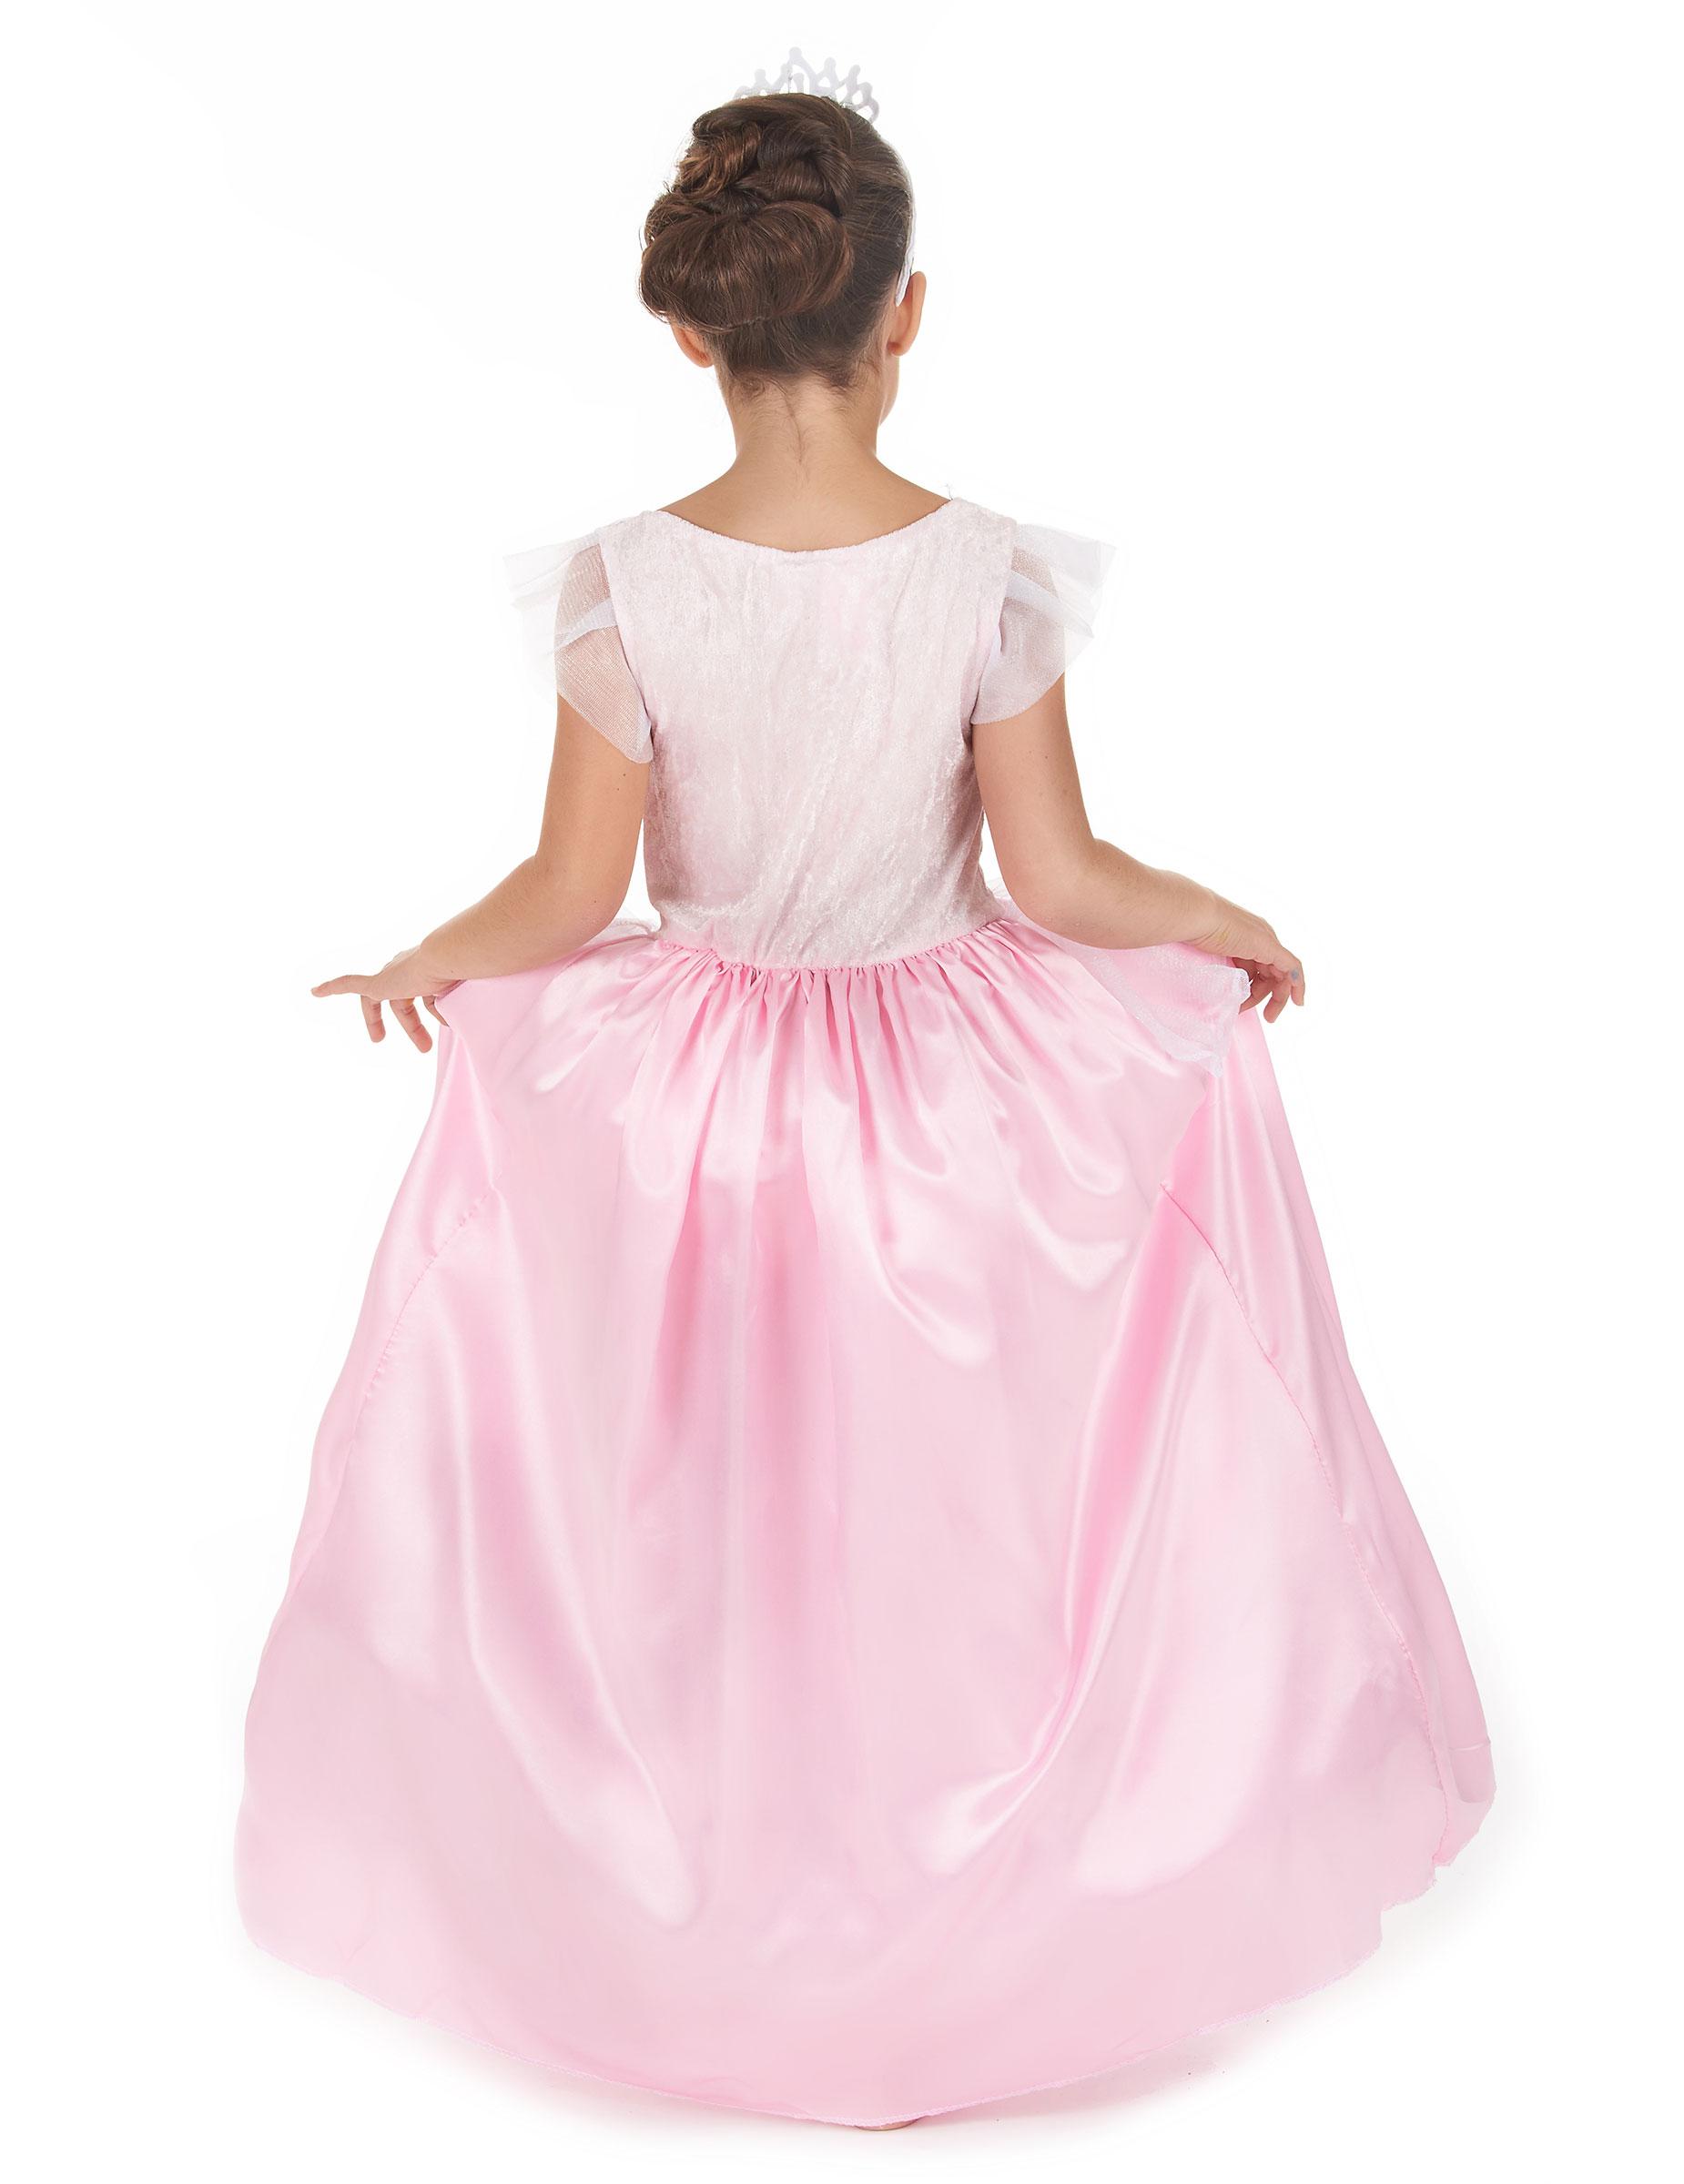 Disfraz princesa niña rosa y blanco: Disfraces niños,y disfraces ...